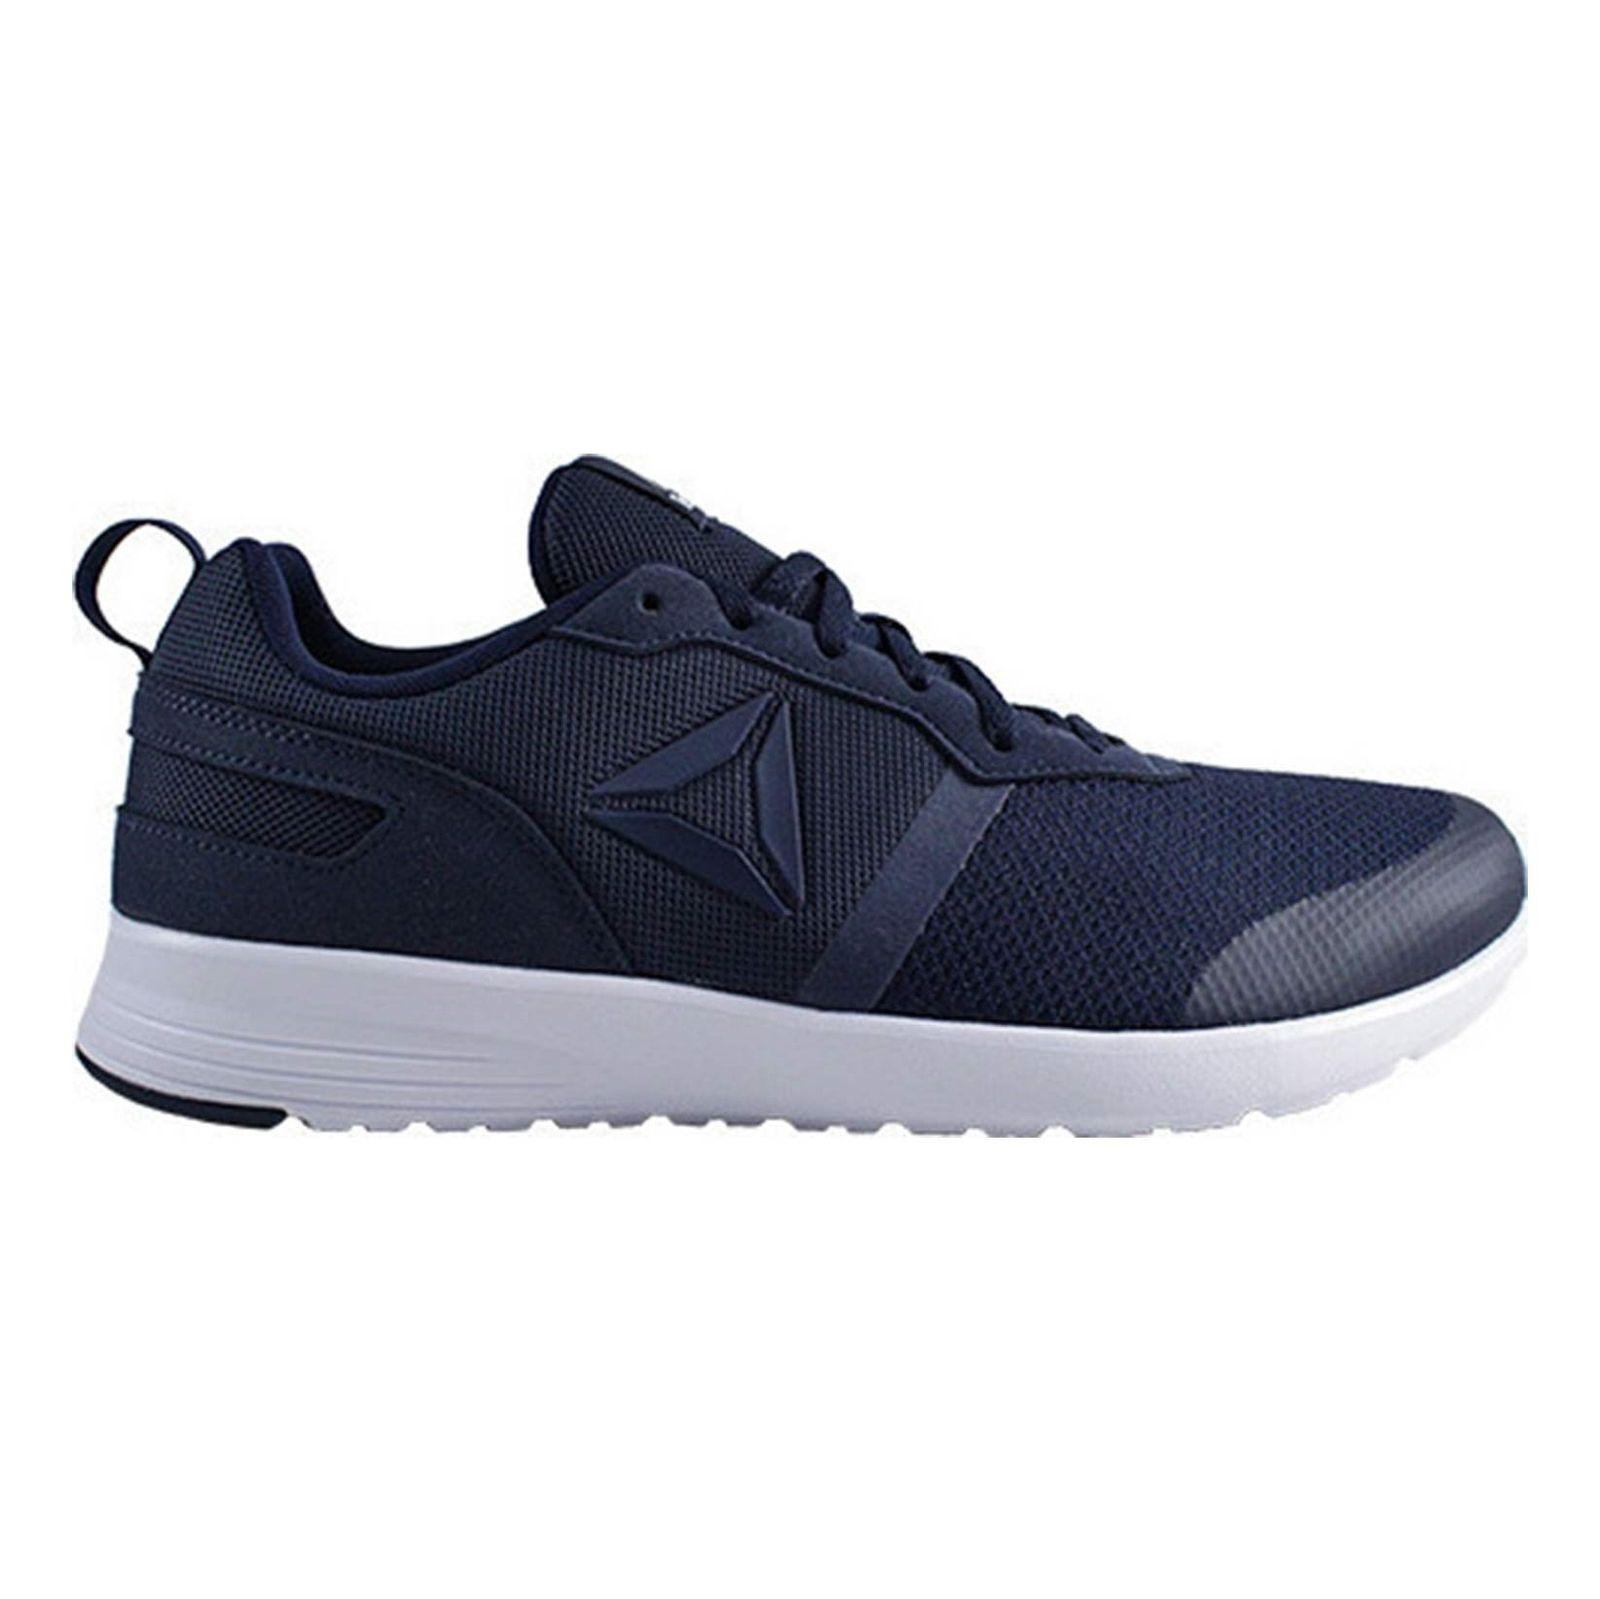 کفش دویدن بندی مردانه Foster Flyer - ریباک - سرمه اي - 1